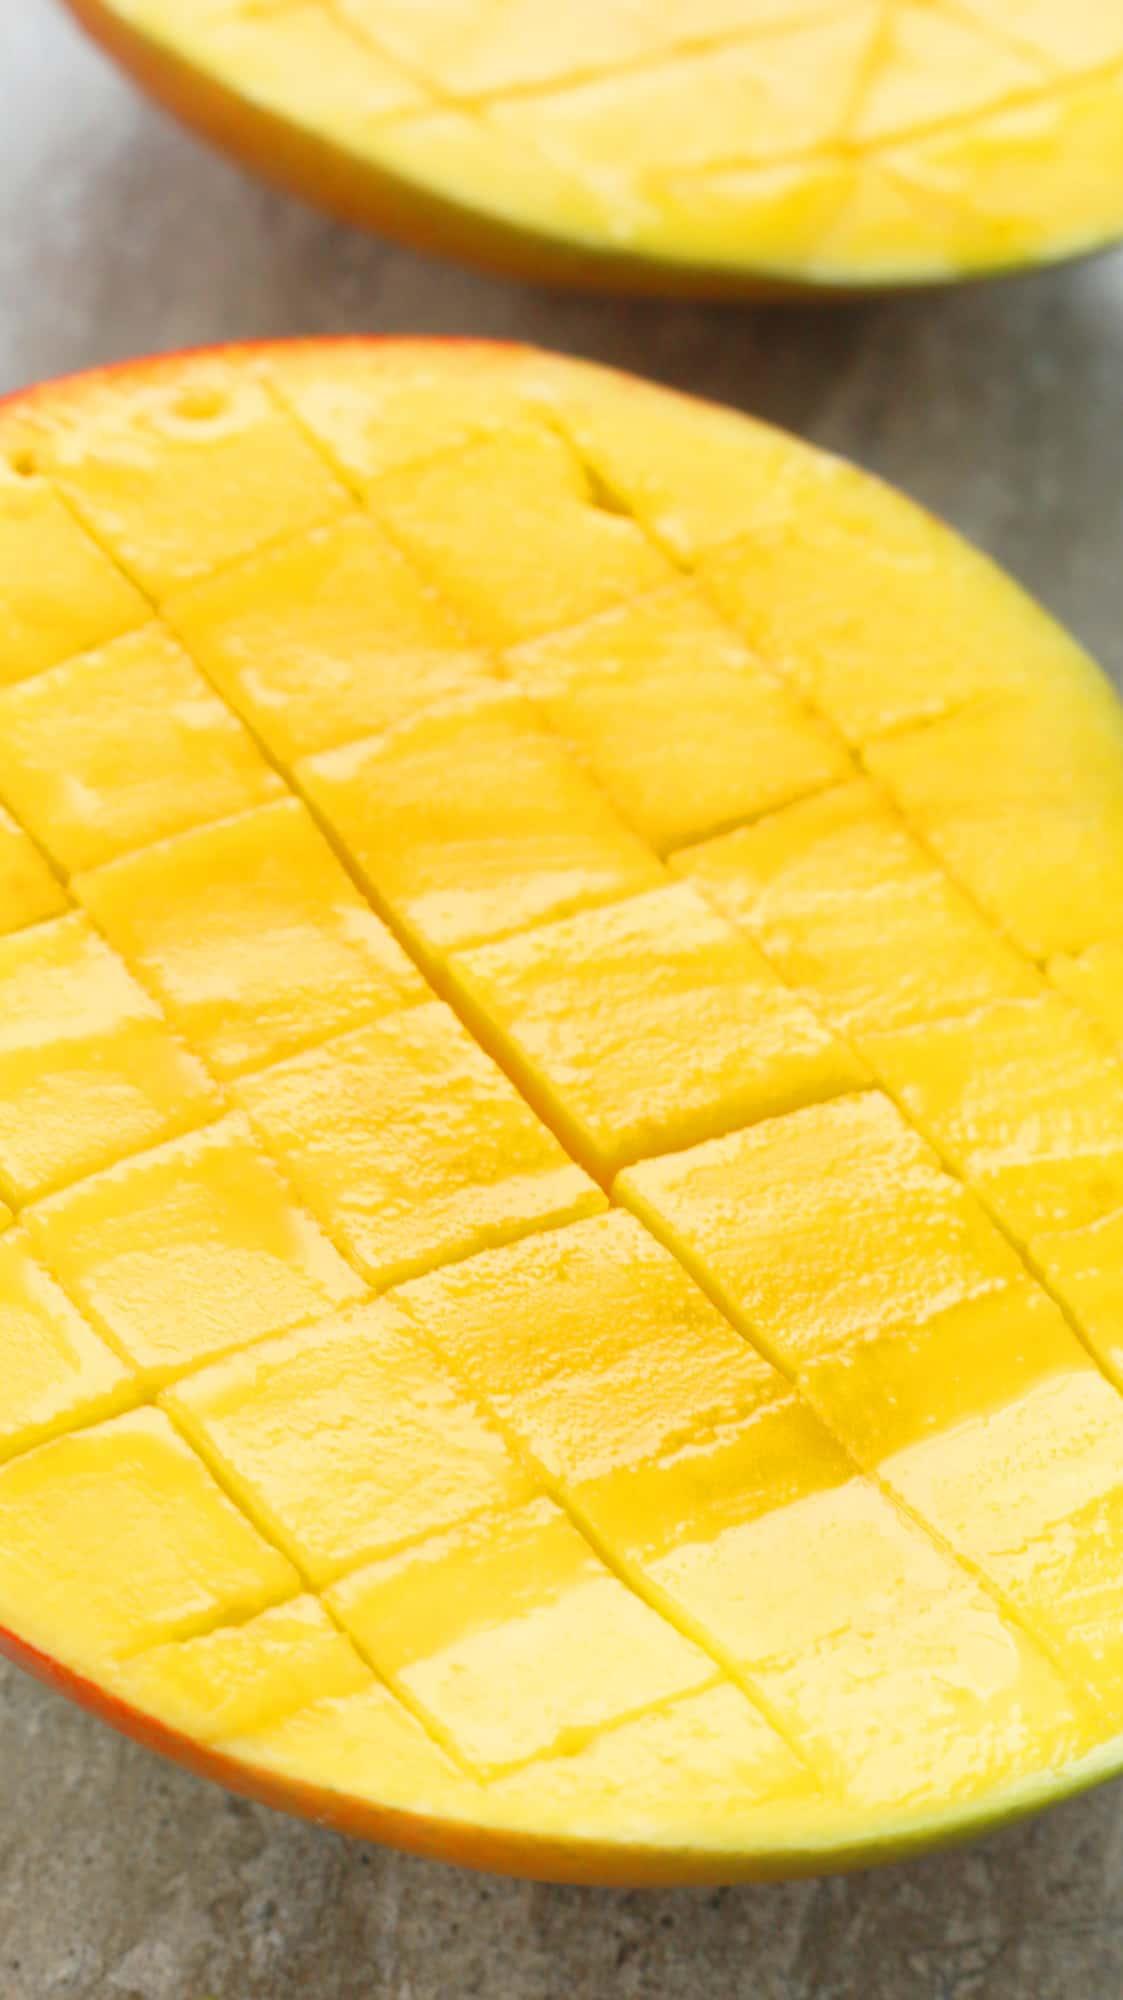 baked mangoes